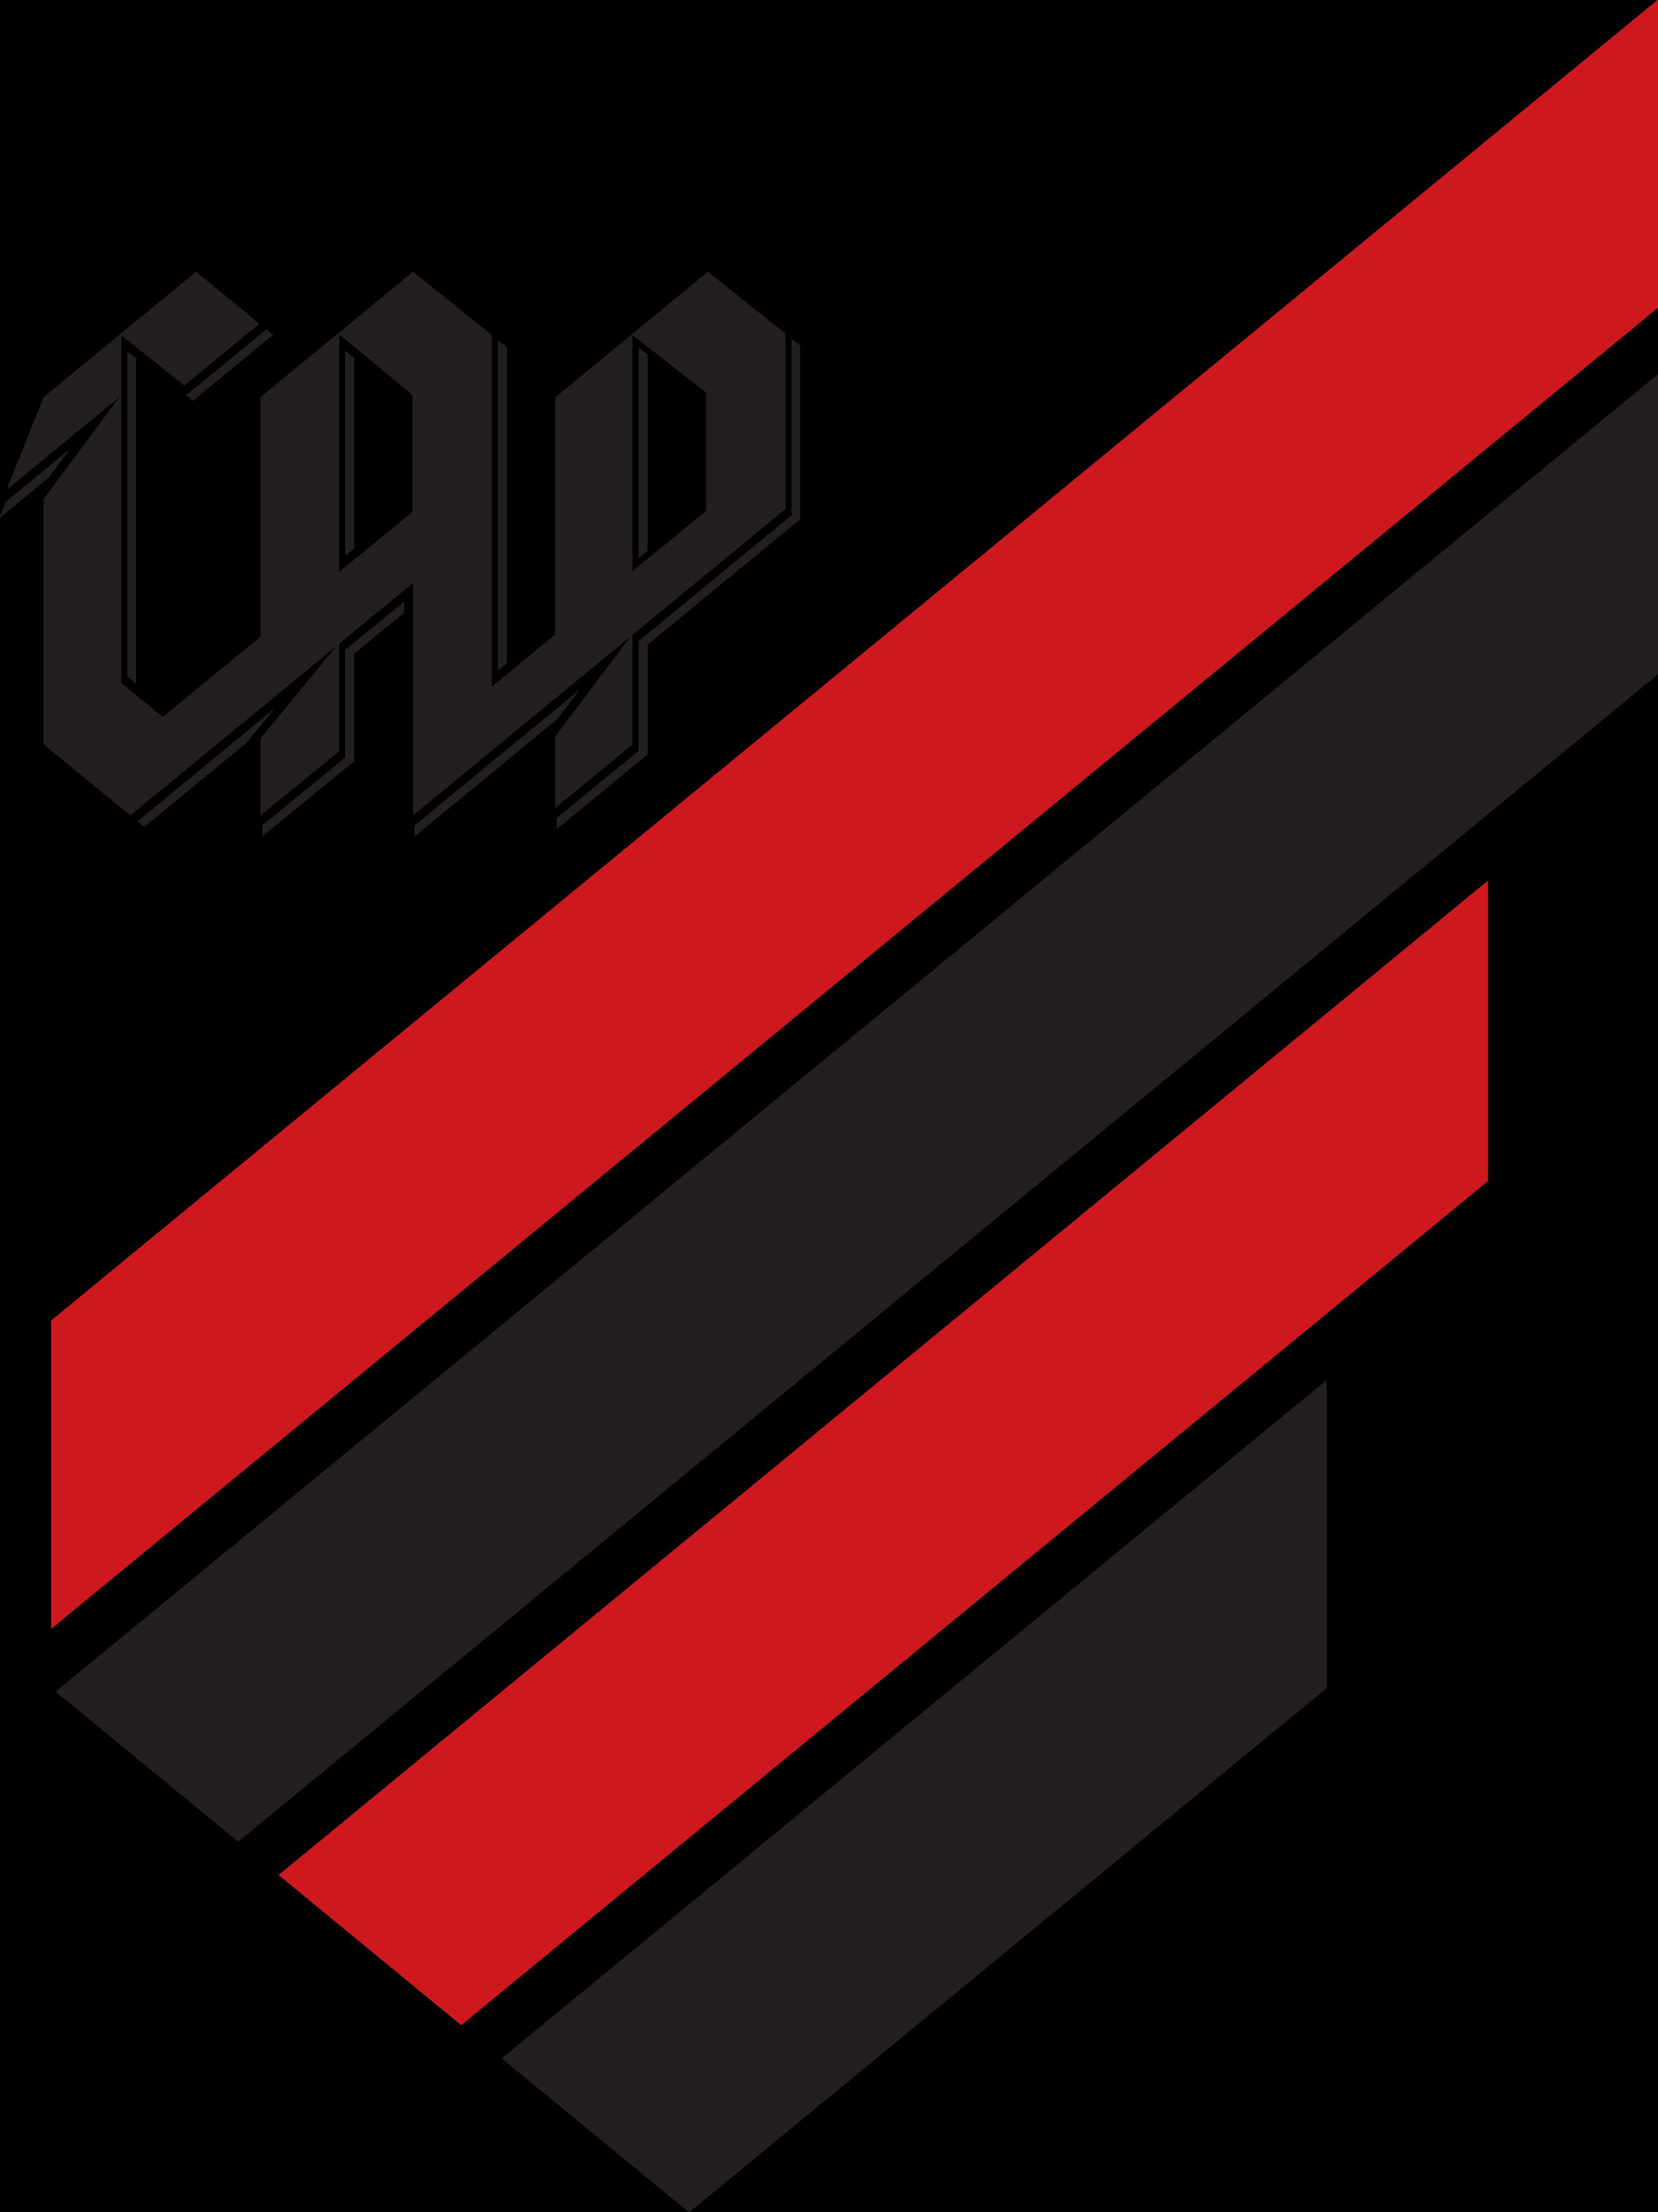 athletico-paranaense-logo-escudo